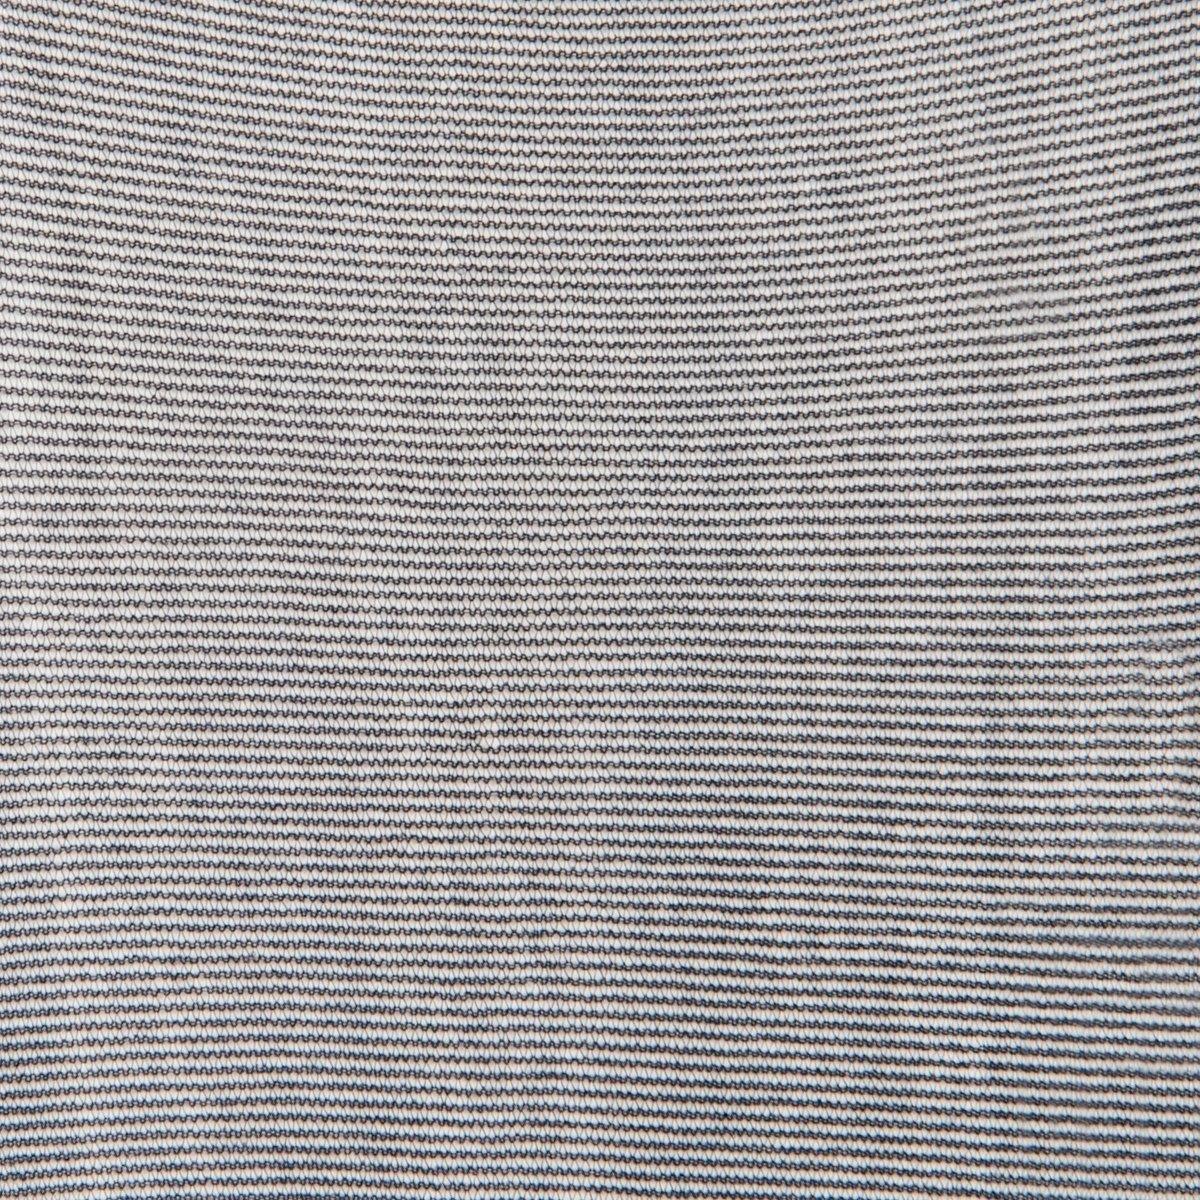 КолготкиЭластичный пояс. Вуаль, 90% полиамида, 10% эластана. 20 ден.<br><br>Цвет: черный<br>Размер: 1/2.3/4